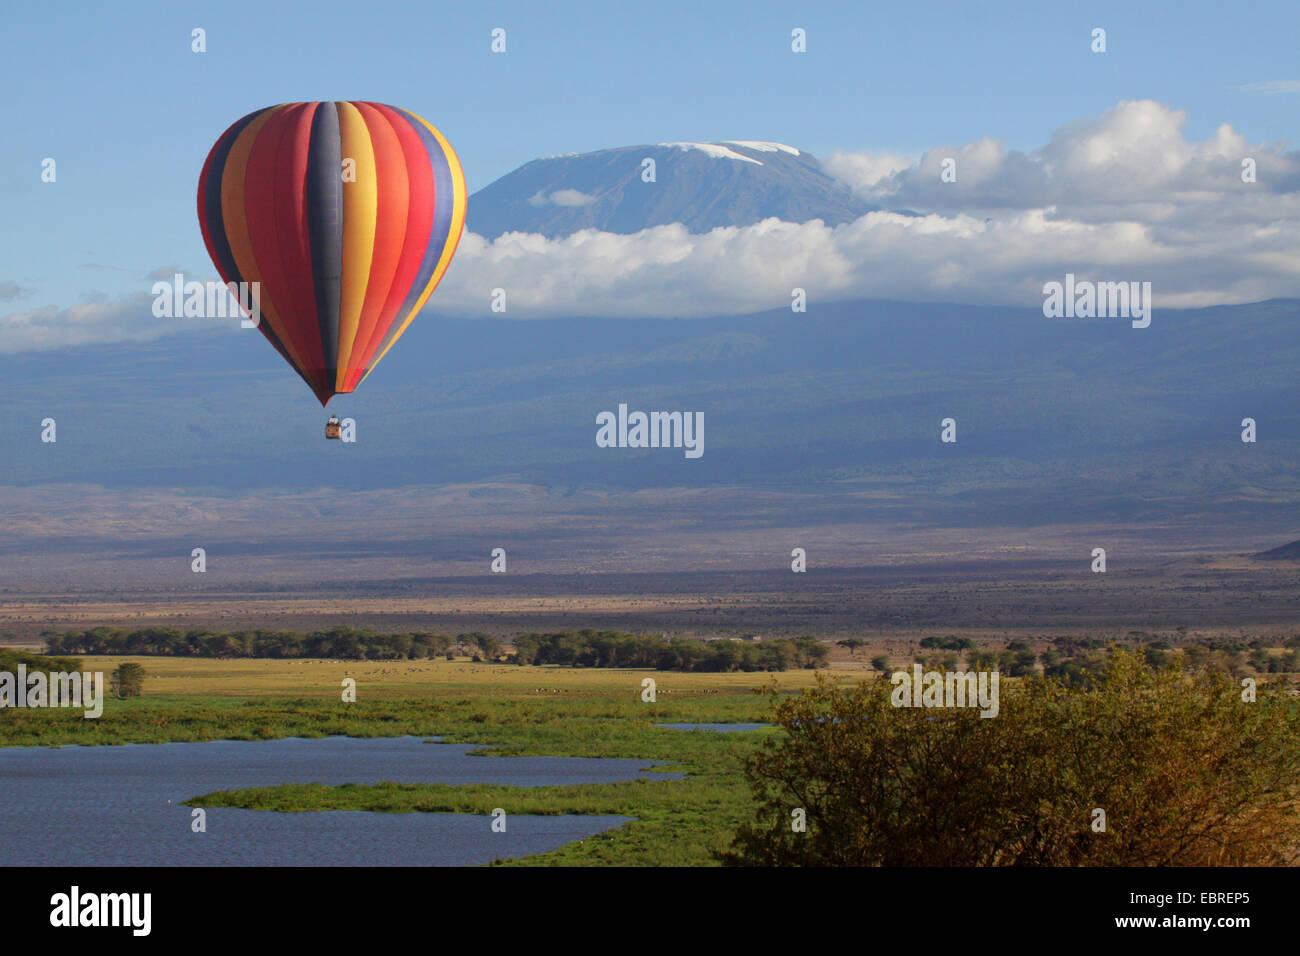 Ballon à air chaud safari avec vue sur le Kilimandjaro, le Parc national Amboseli, Kenya Photo Stock